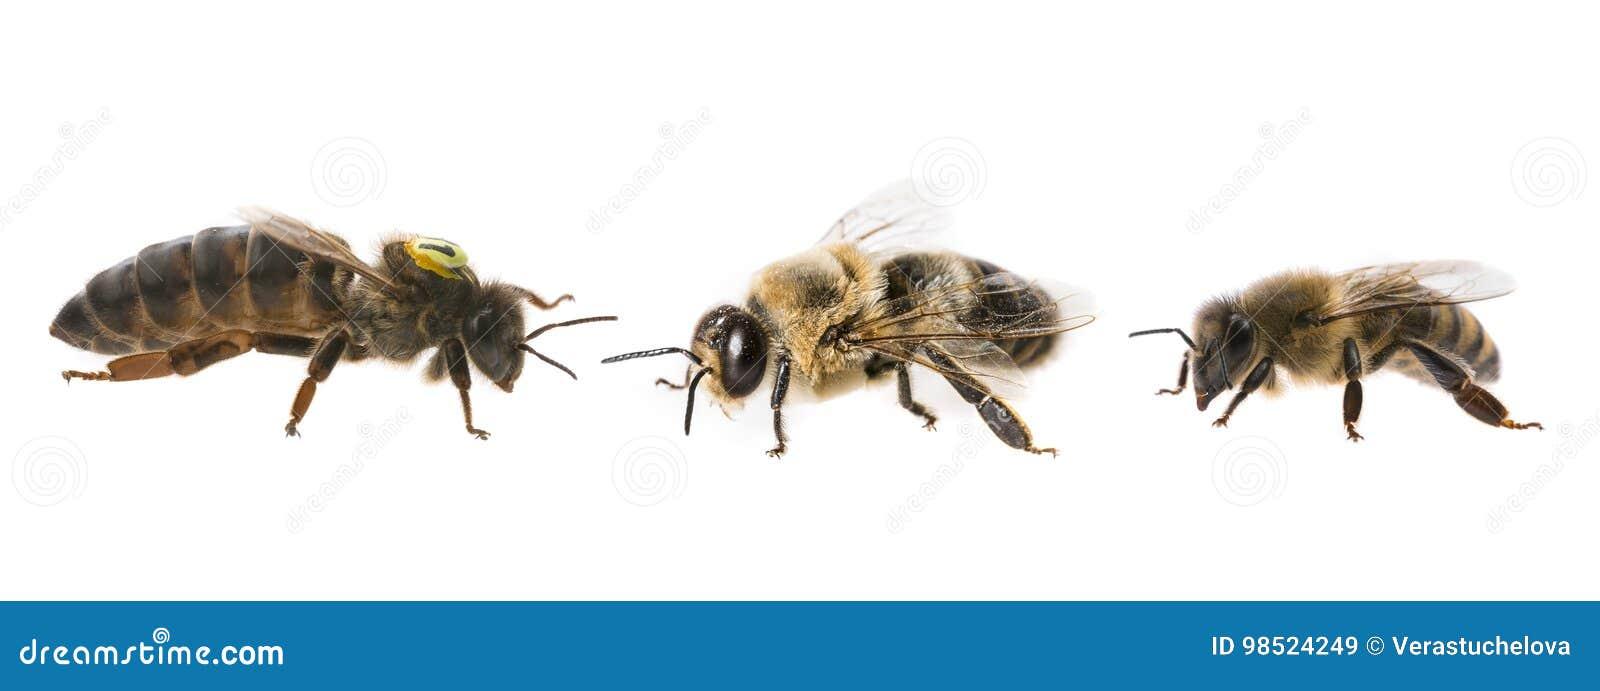 Fein Anatomie Einer Biene Bilder - Anatomie Von Menschlichen ...